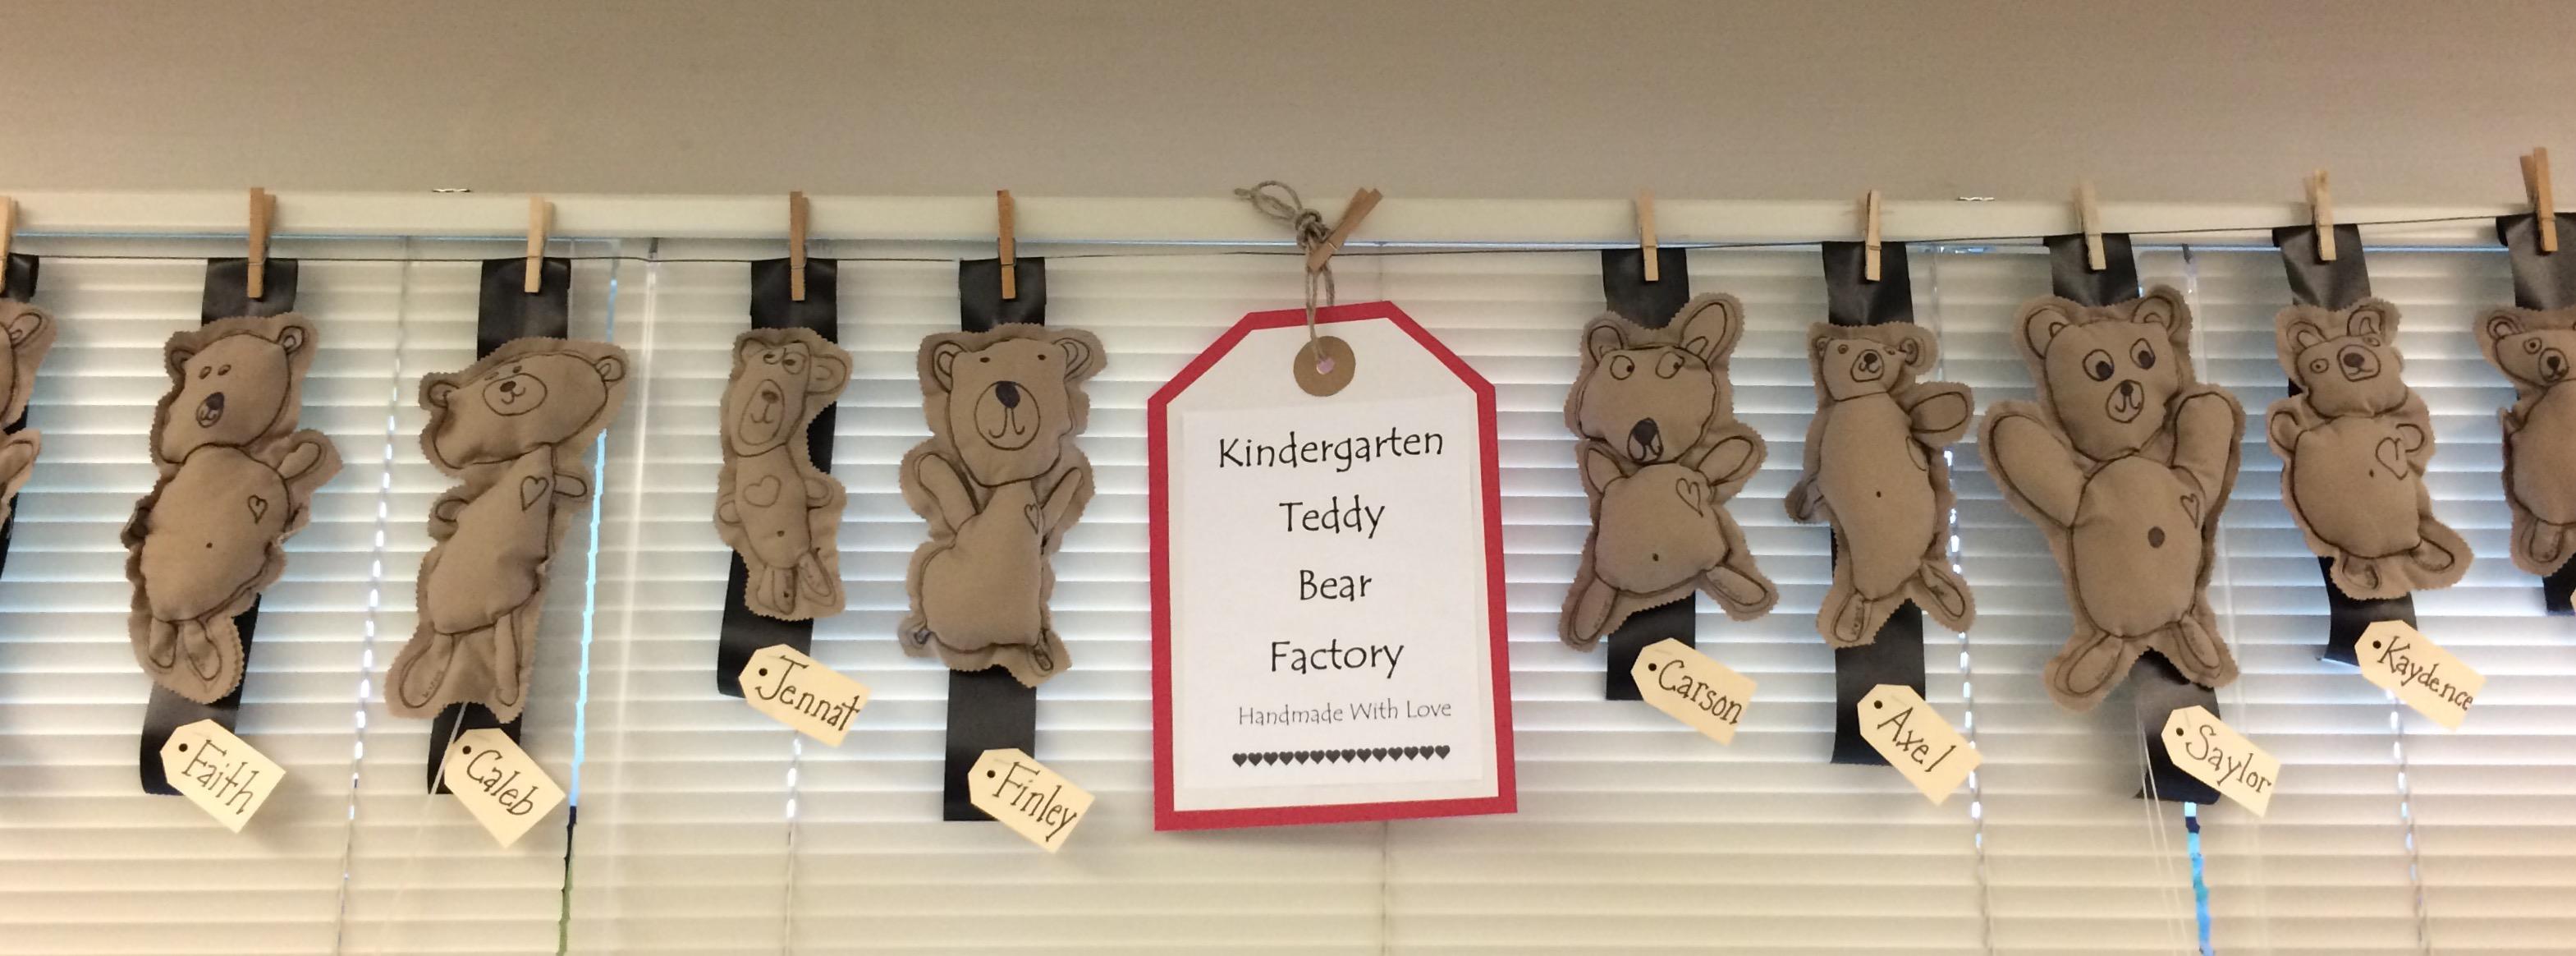 听说国外幼儿园喜欢用小熊主题周迎开学哦~(环创